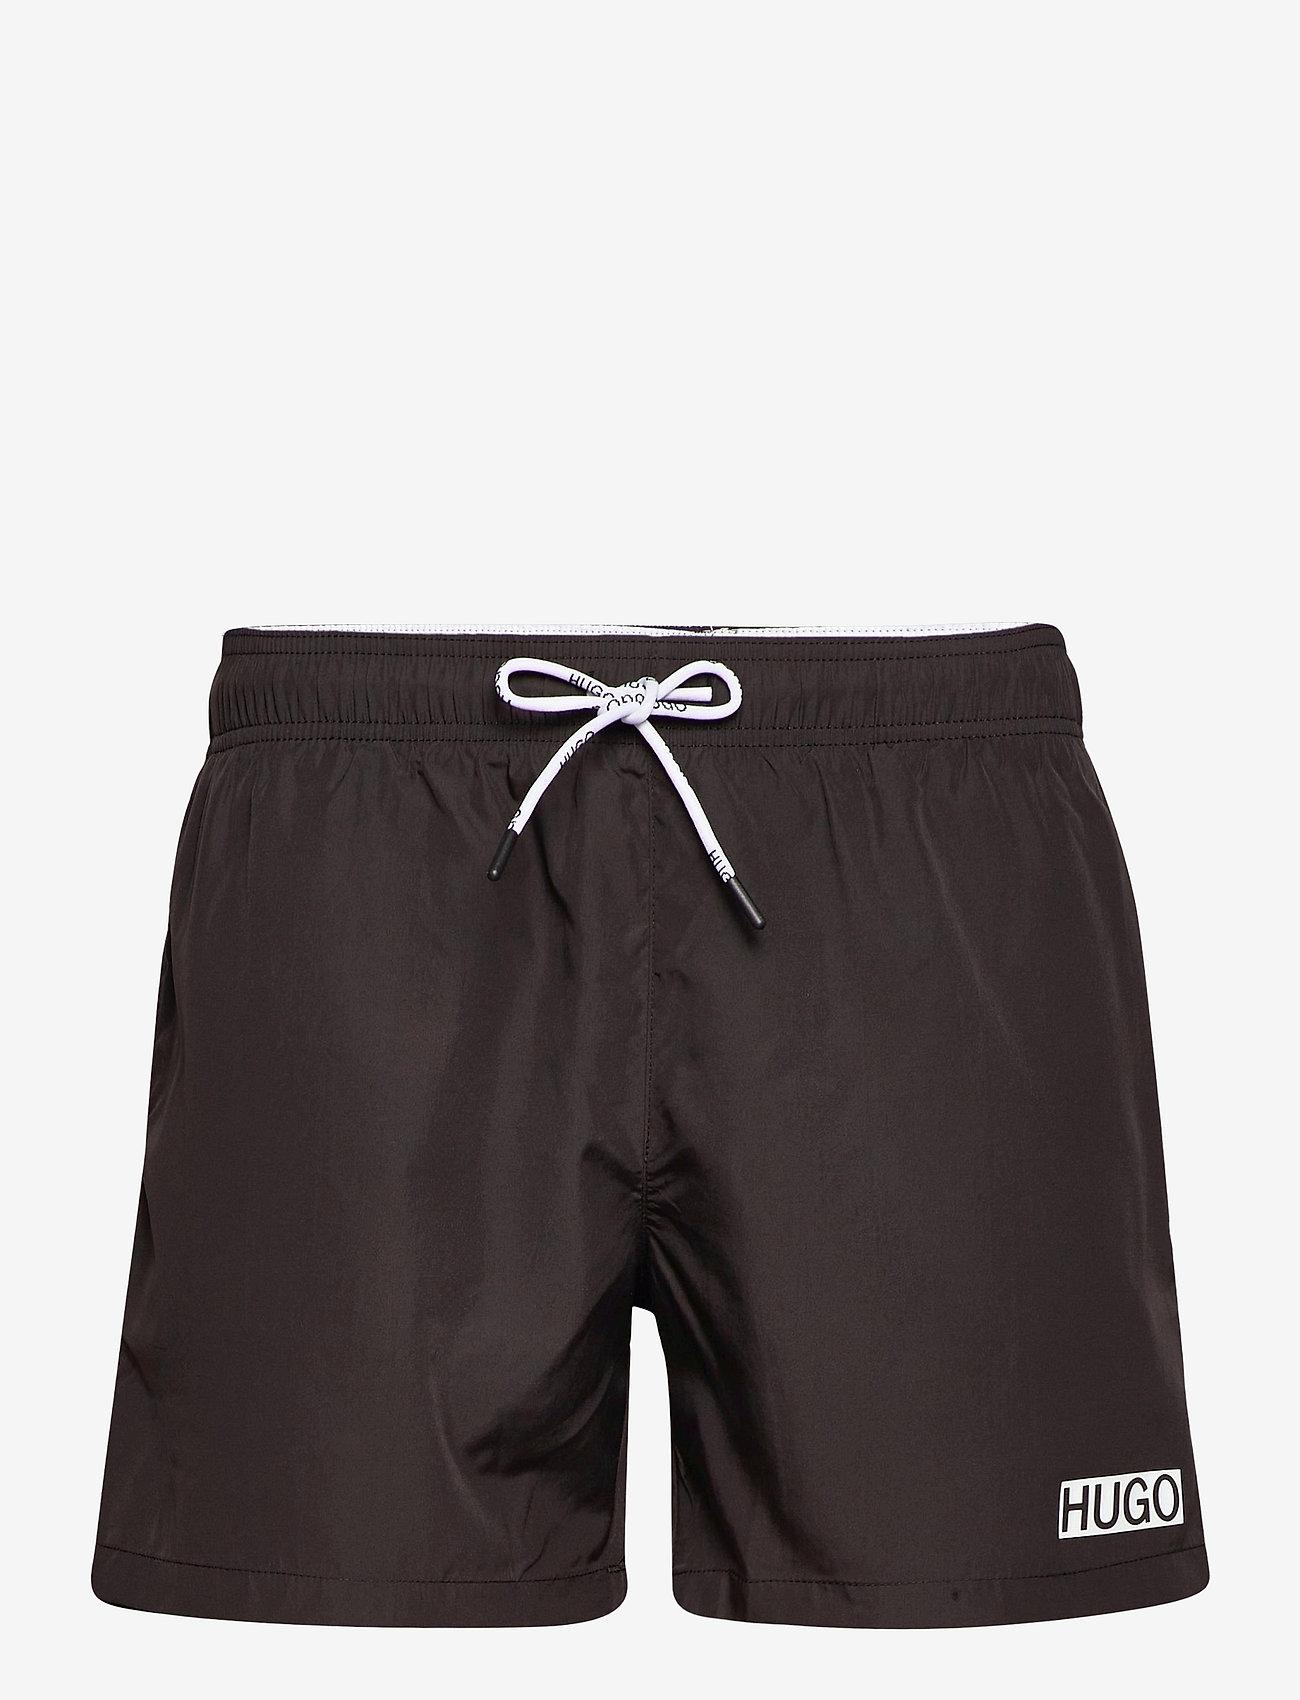 HUGO - HAITI - shorts de bain - black - 0